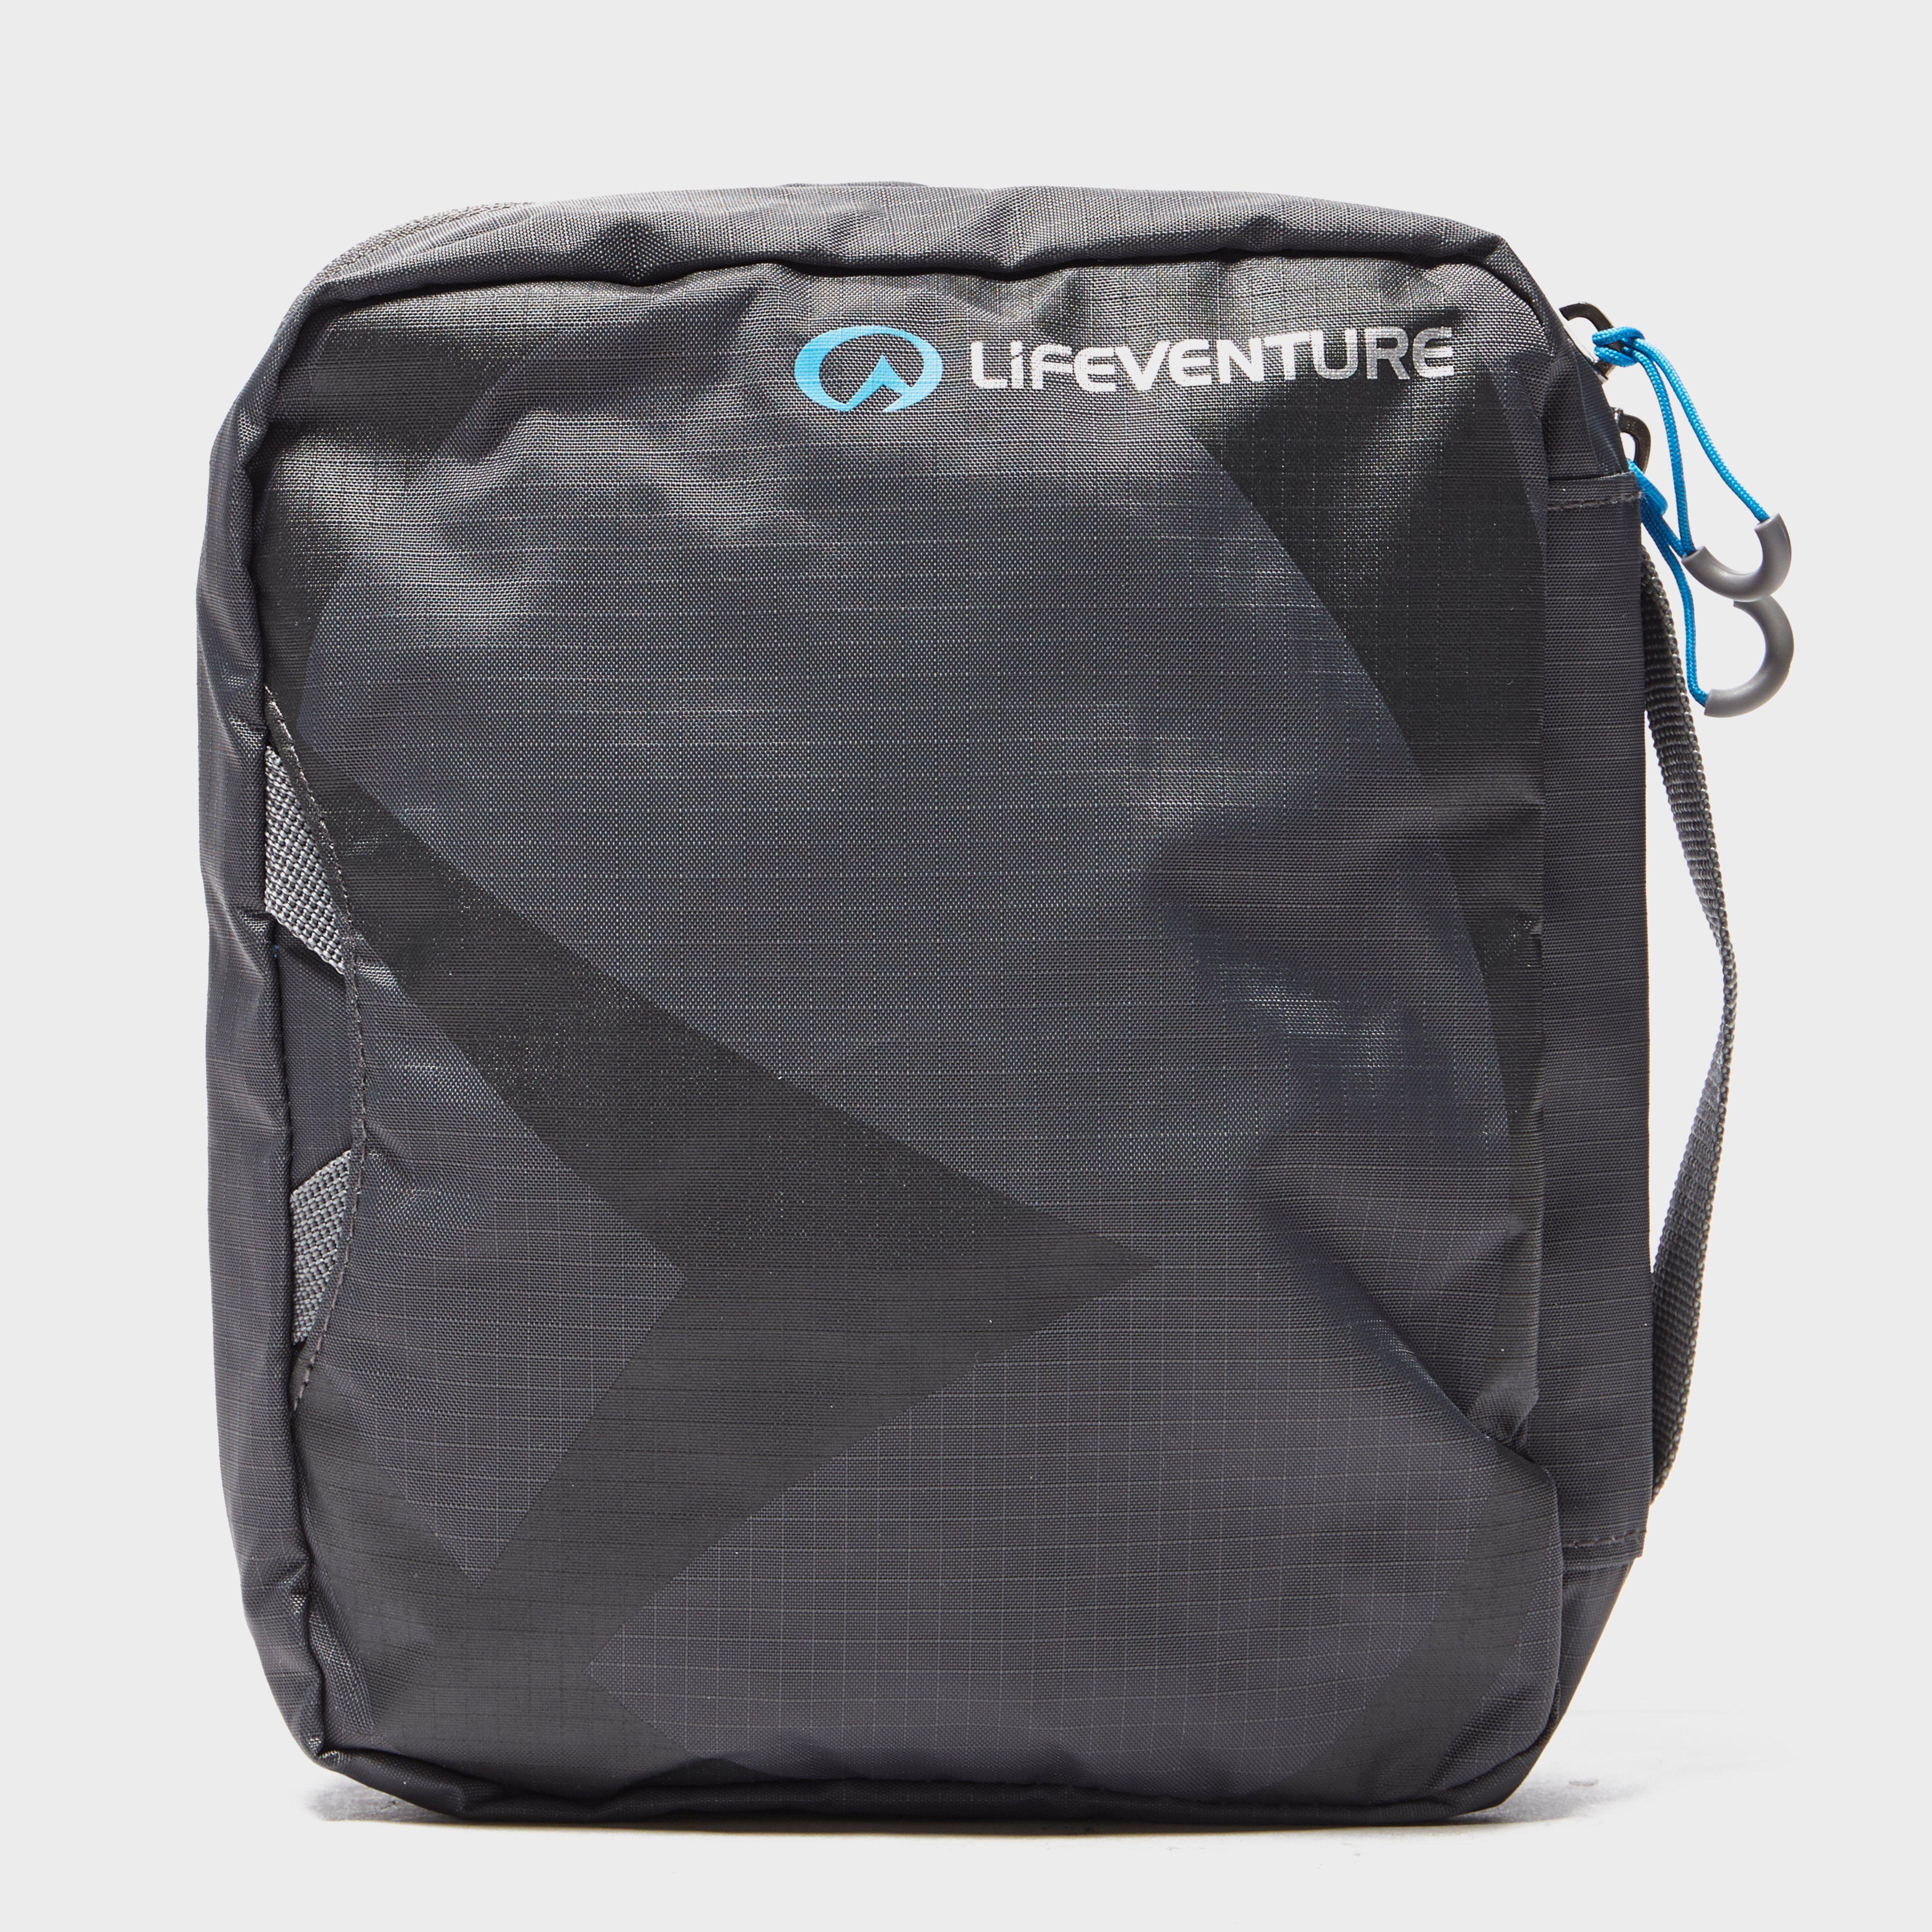 LIFEVENTURE Travel Wash Bag (Large)